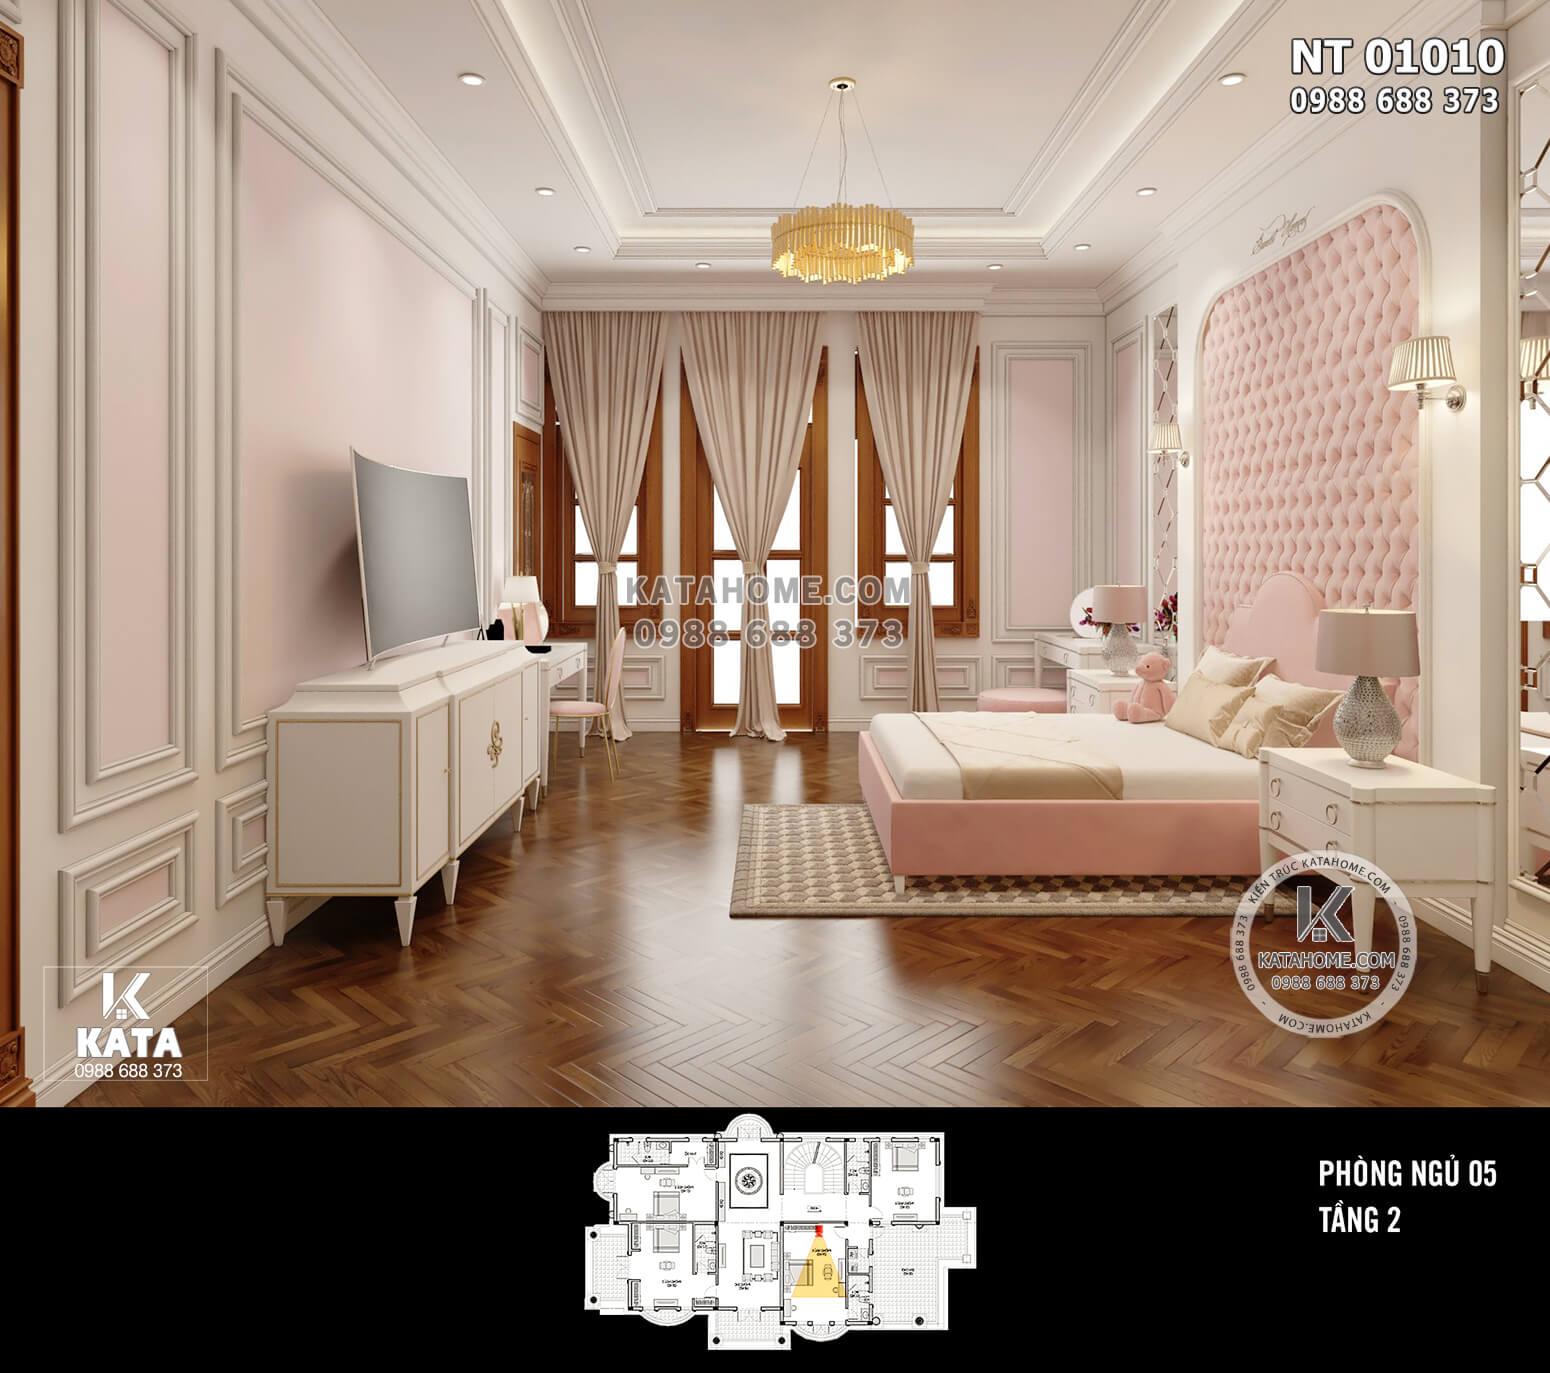 Hình ảnh: Thiết kế phòng ngủ đẹp - NT 01010